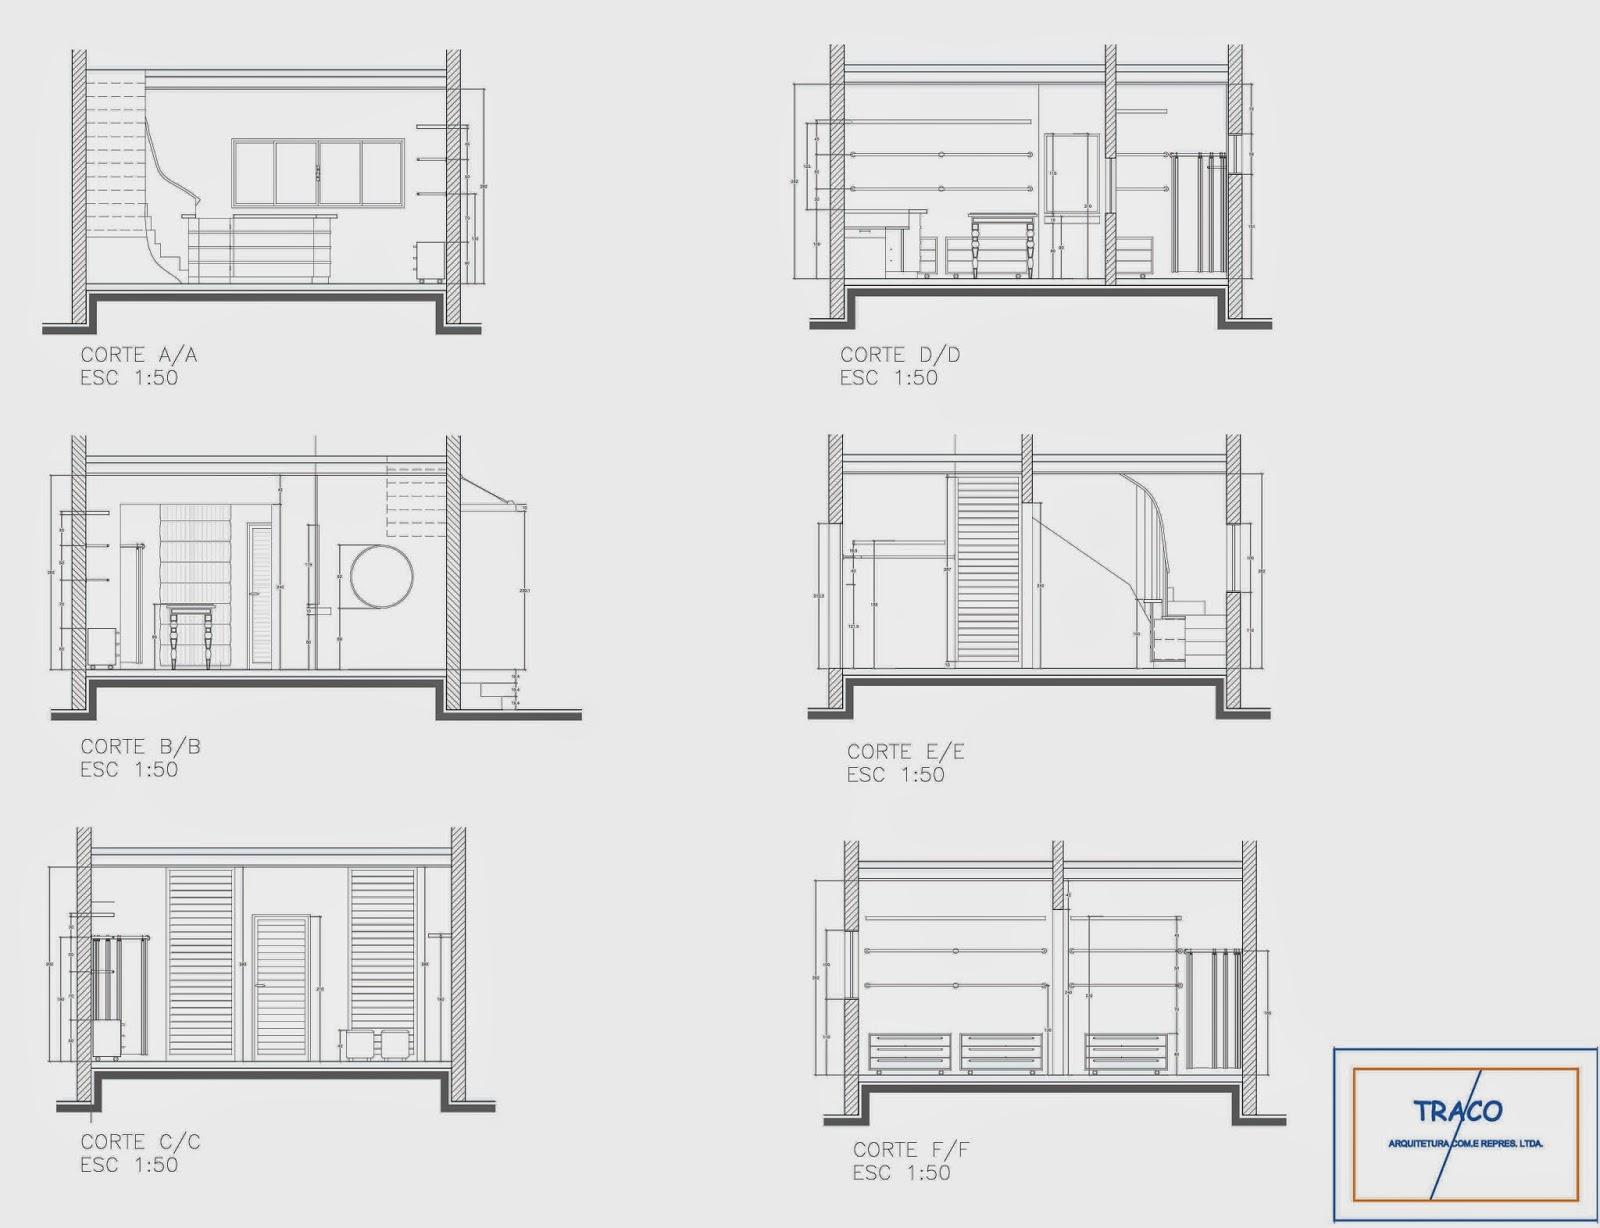 Utilizando o autocad 2d desenvolvendo plantas cortes perspectivas  #8C633F 1600x1228 Banheiro Acessibilidade Bloco Cad